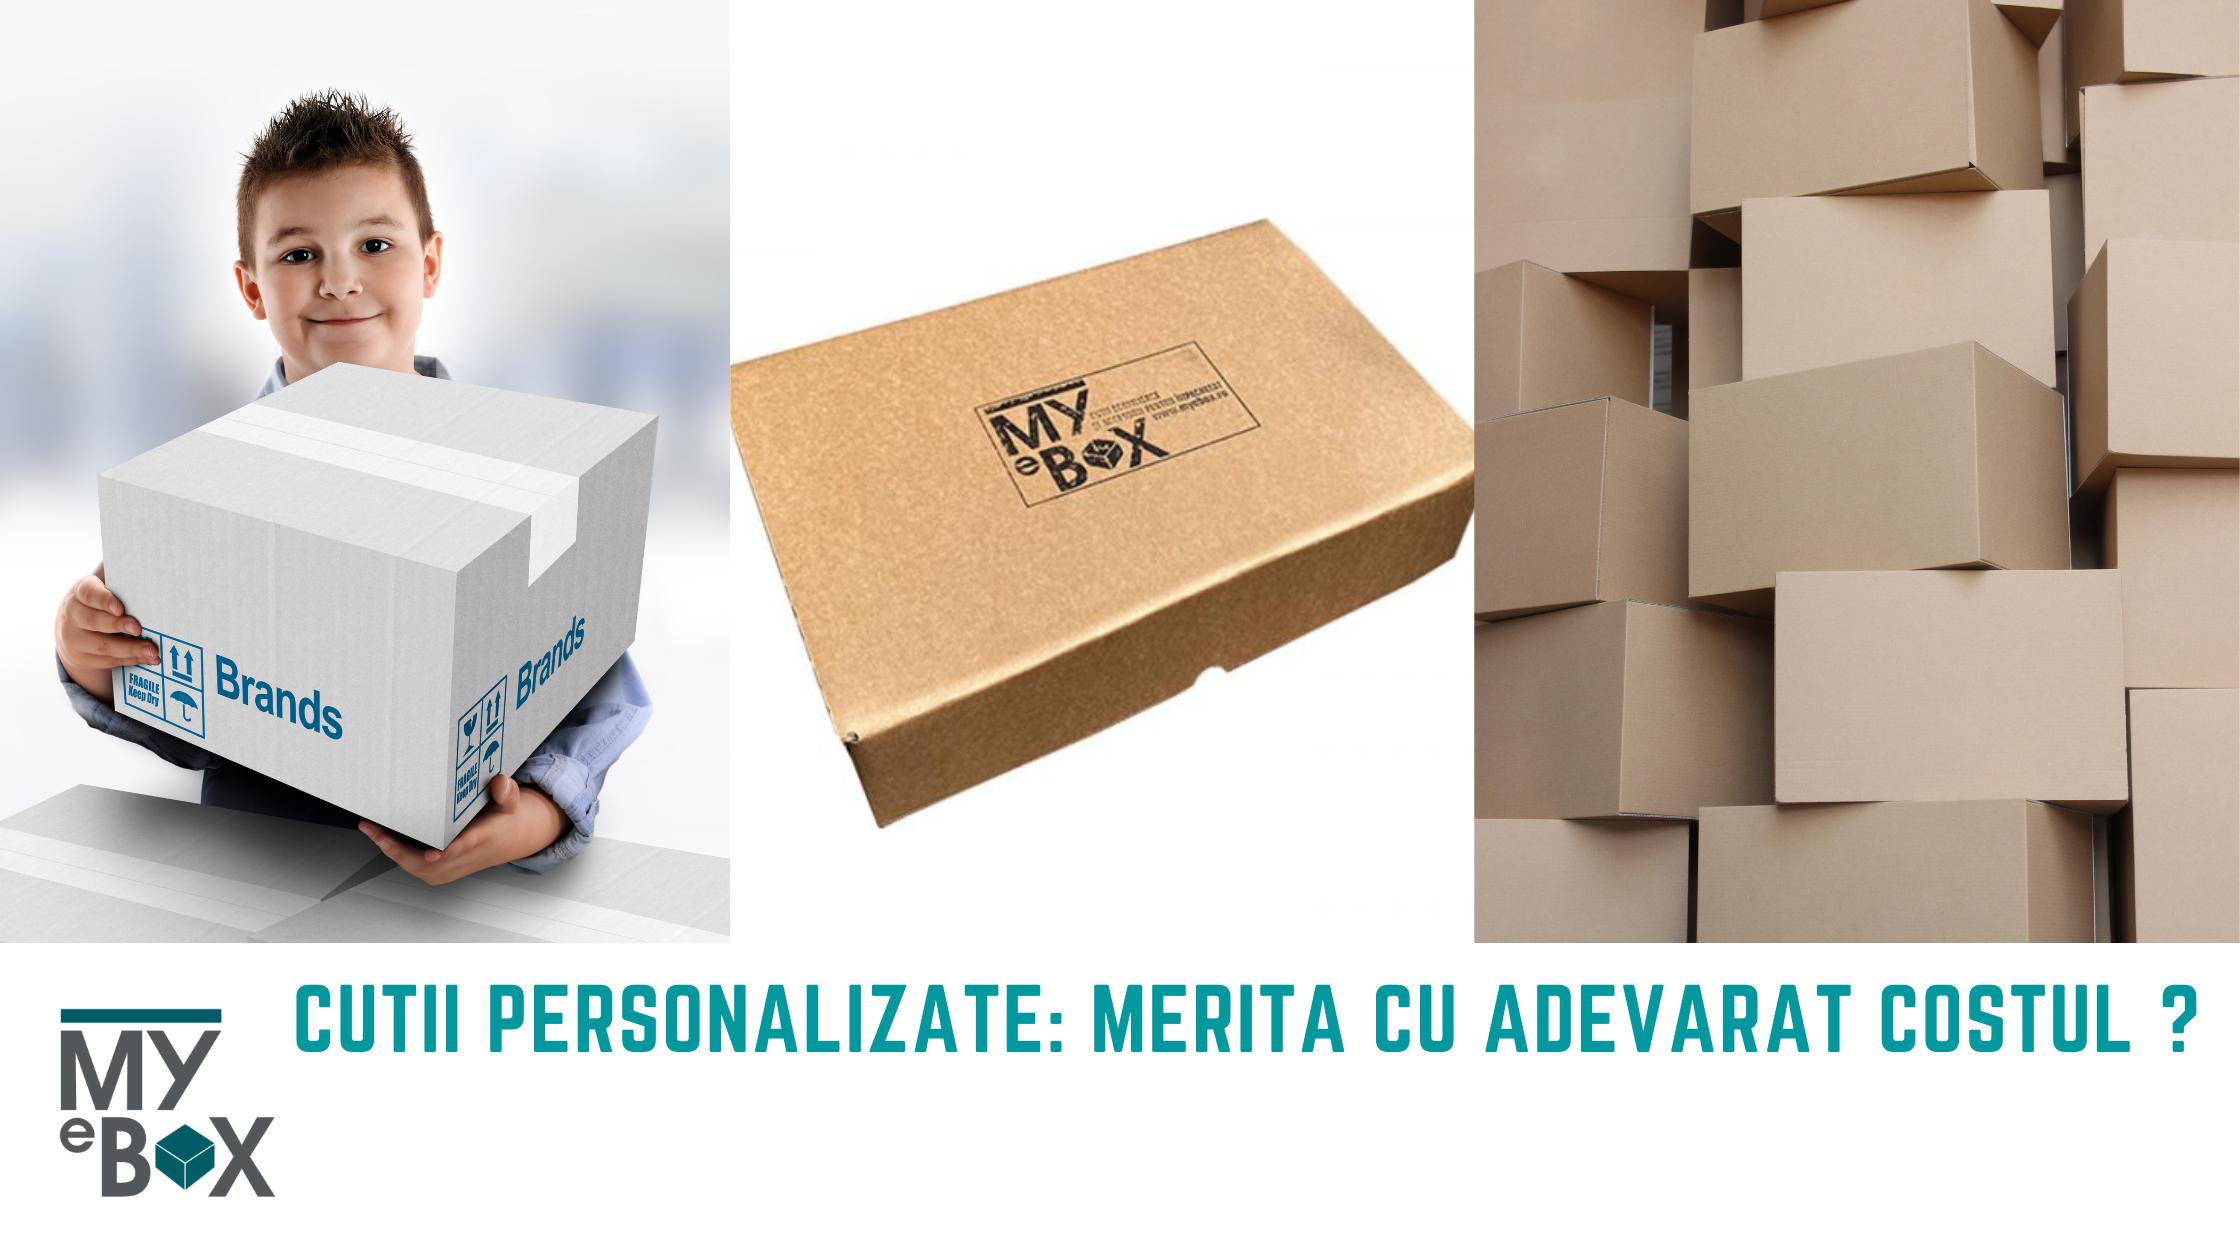 Cutii-Personalizate